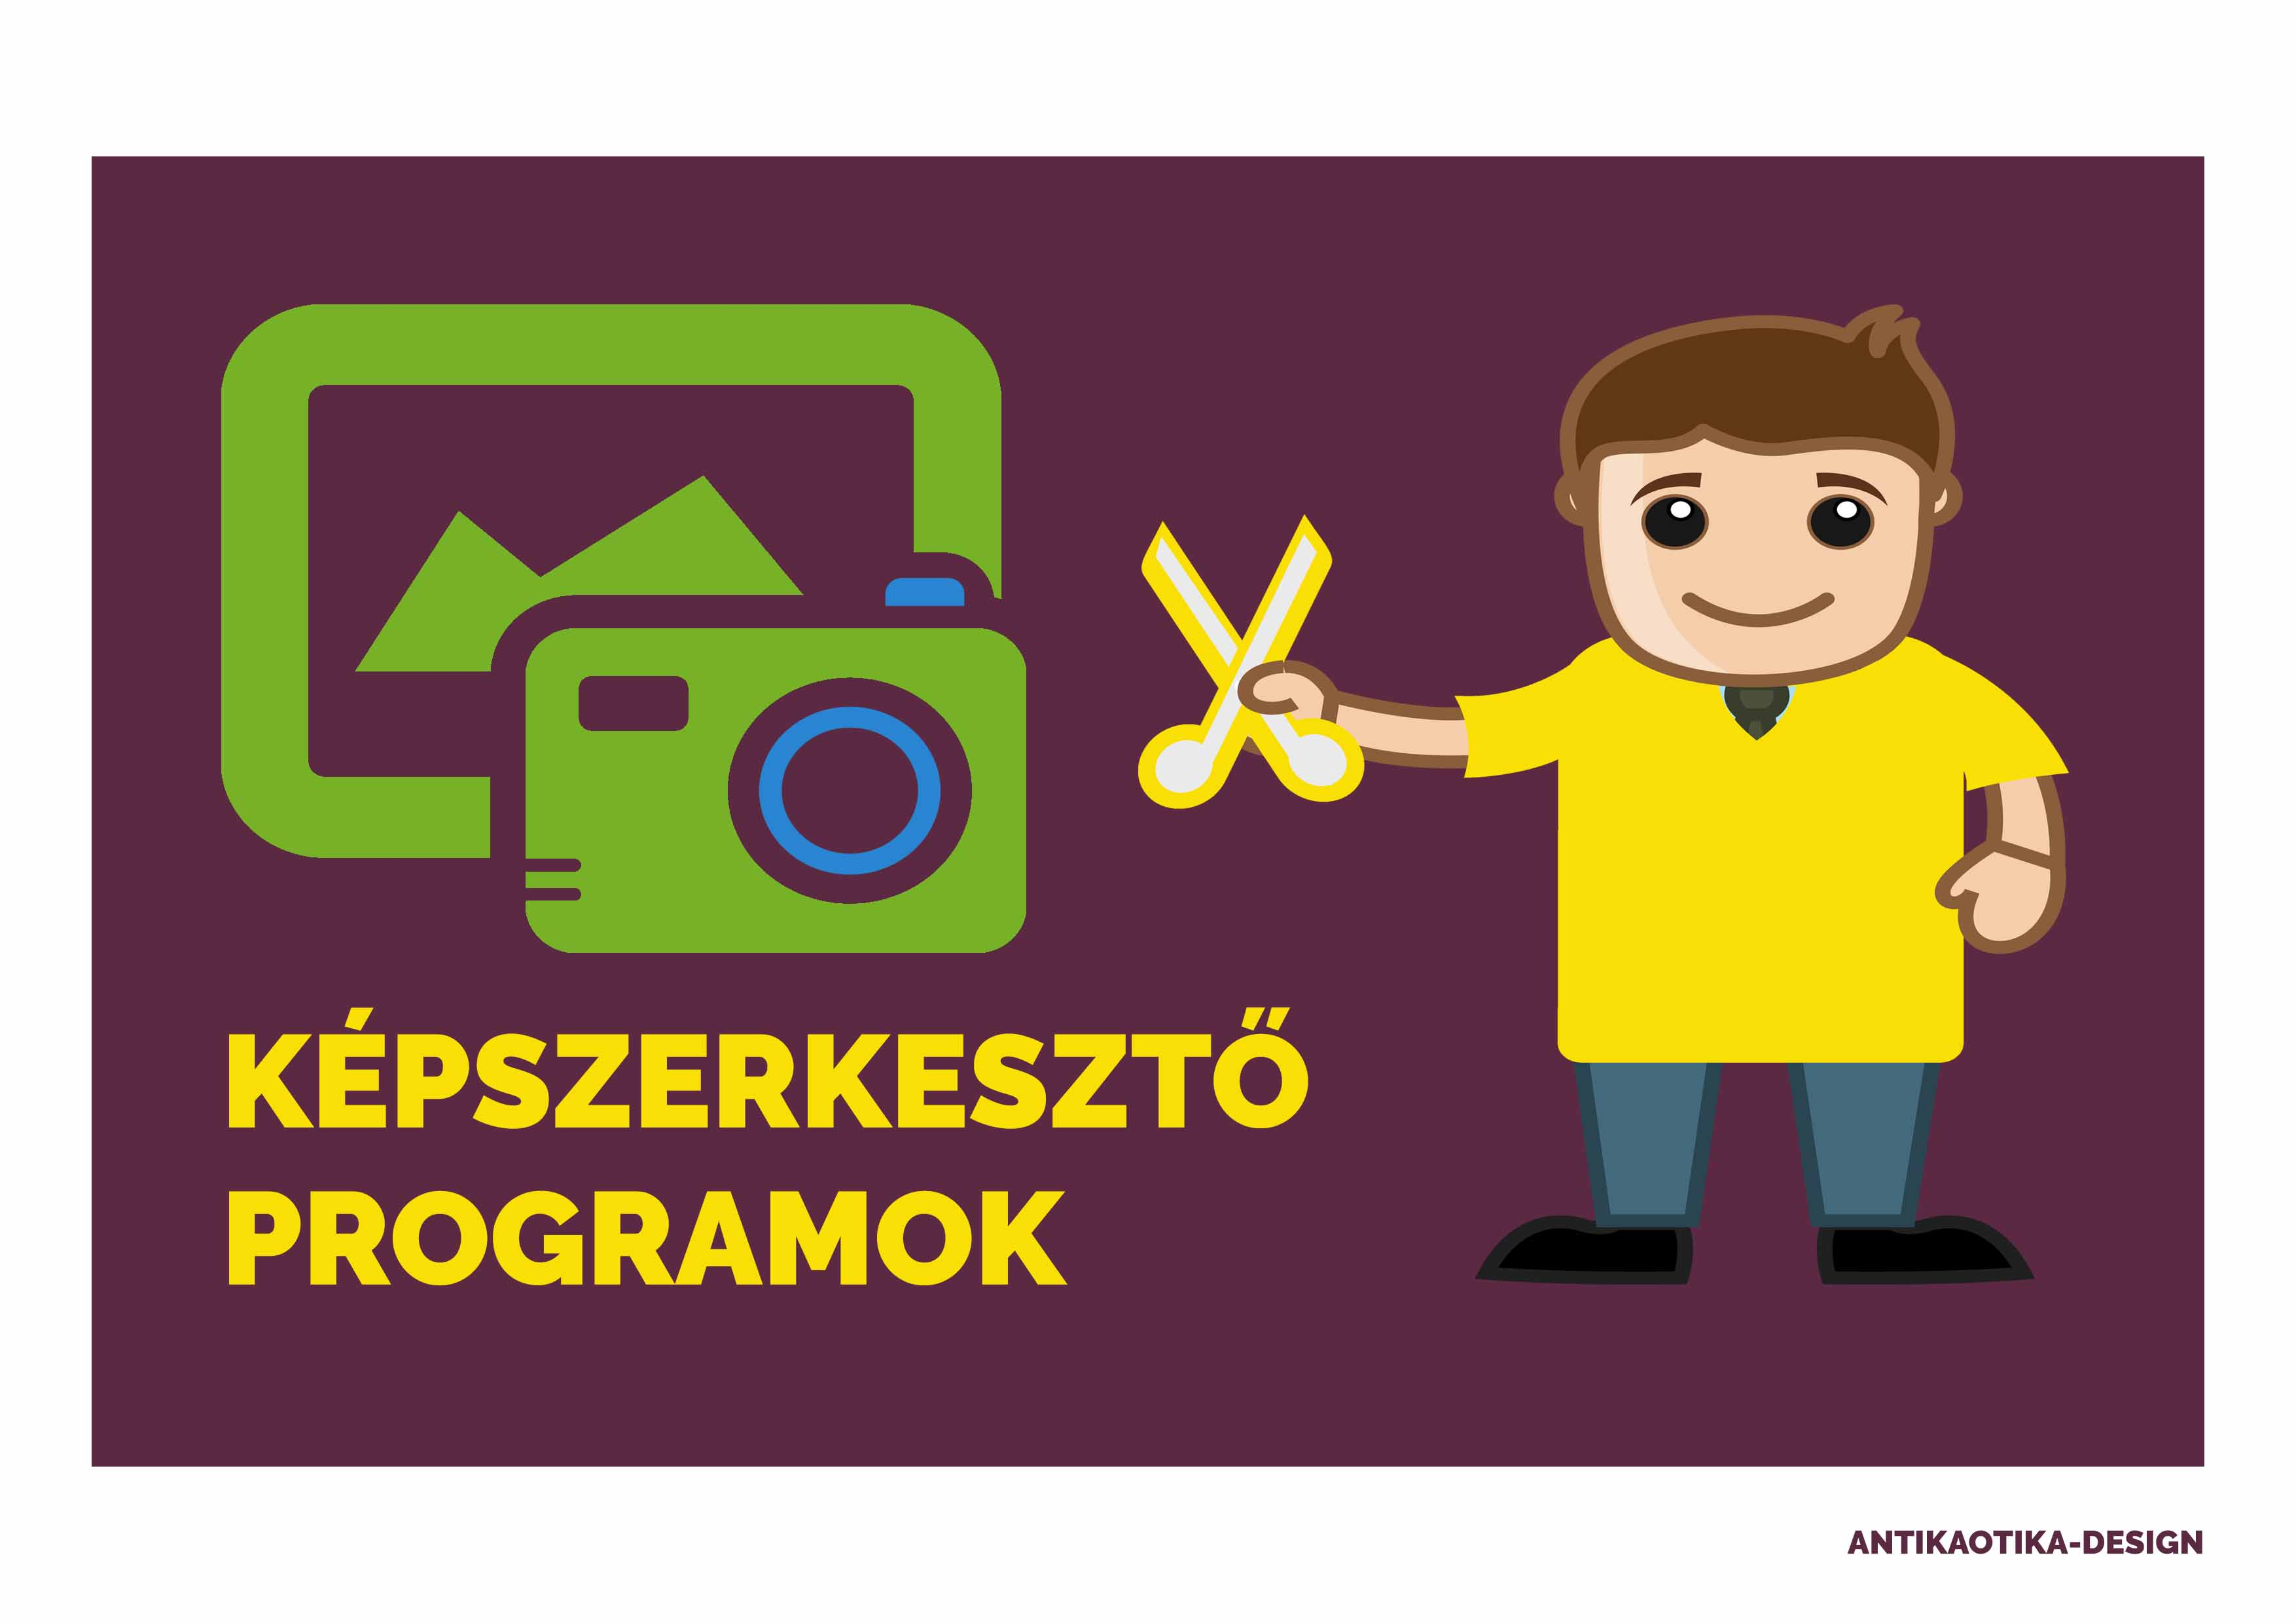 képszerkesztő programok - Antikaotika-SEO